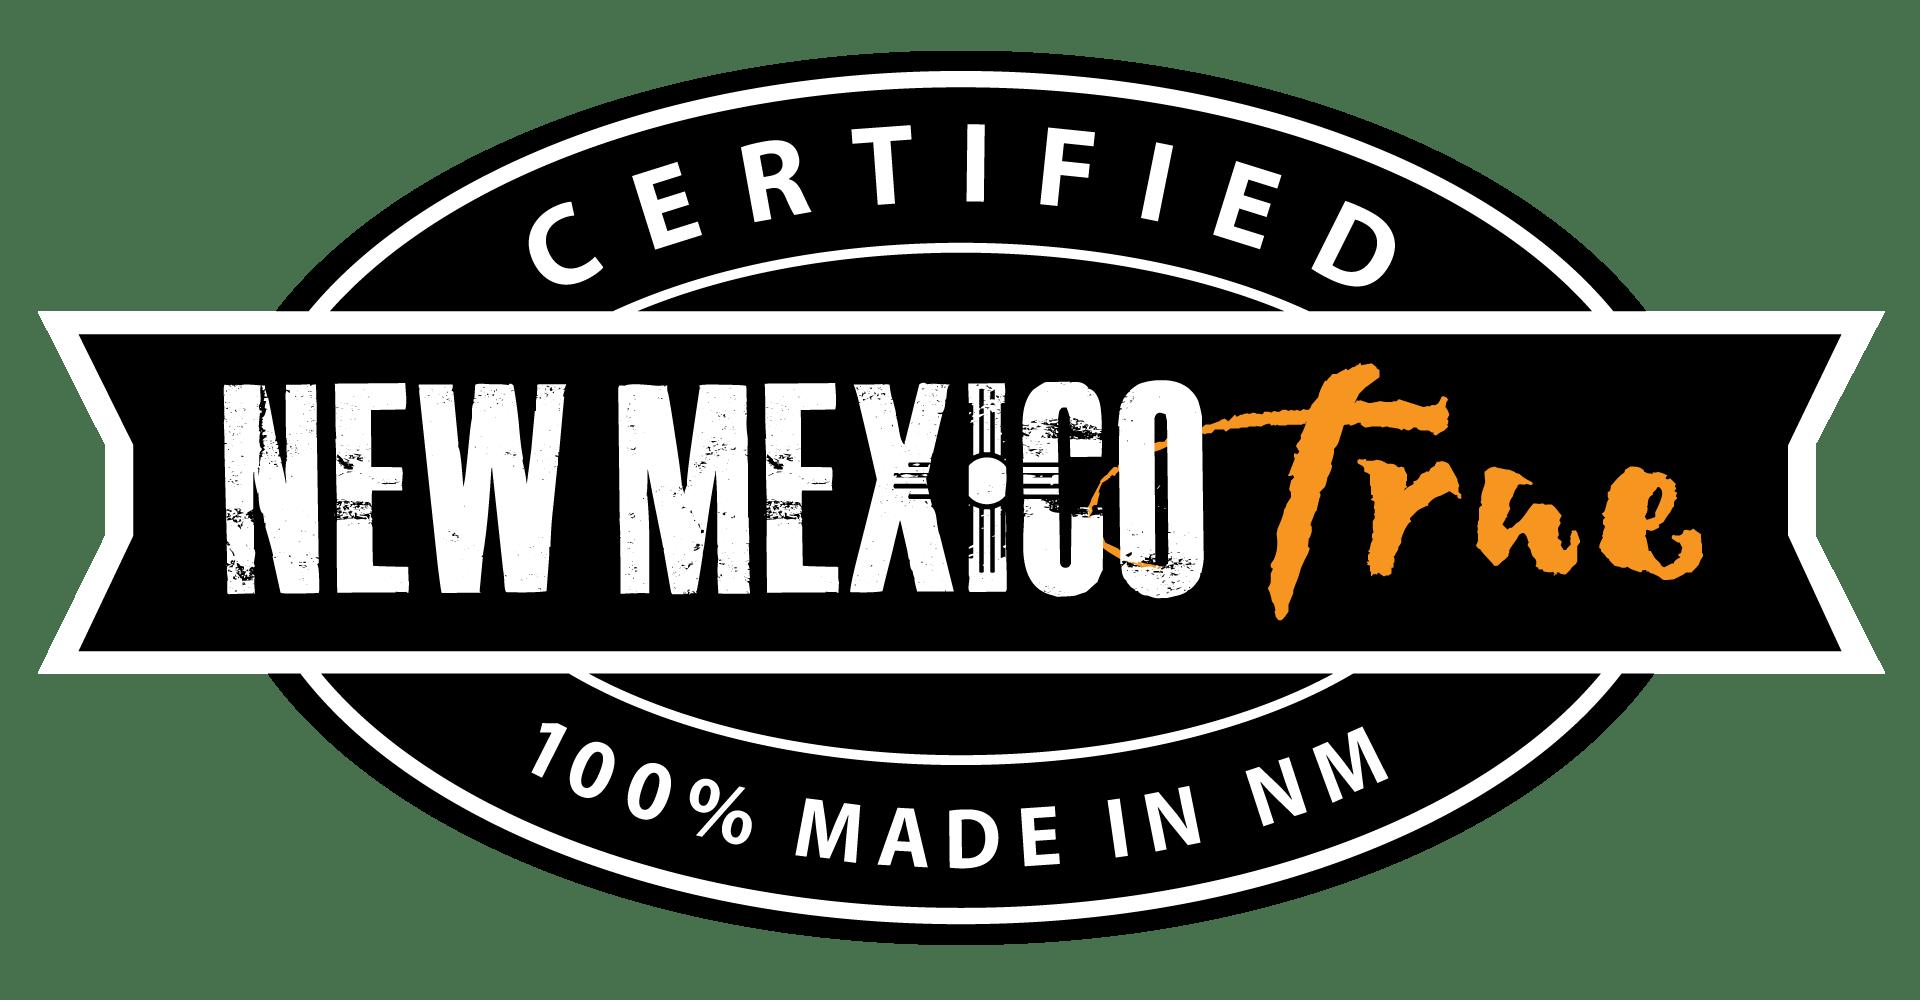 New Mexico True Custom Jewelery